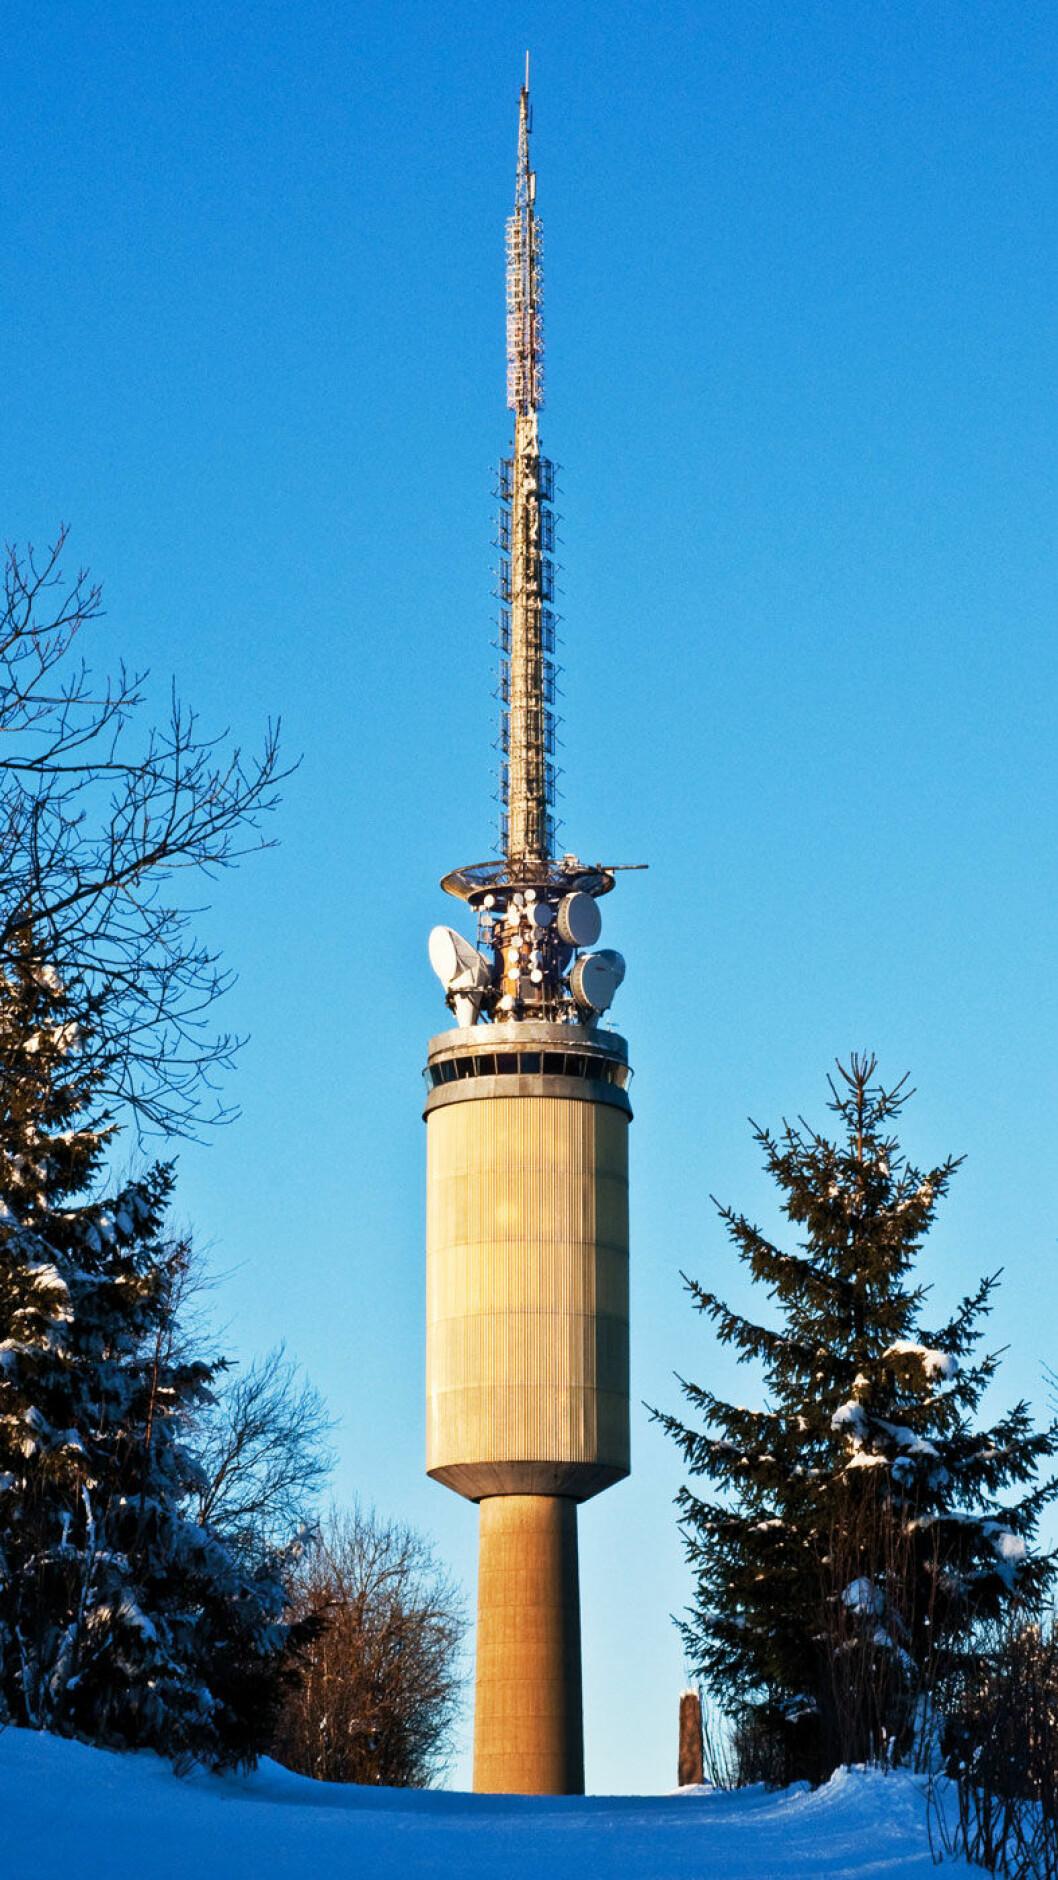 HØYT OVER OSLO: Ved Tryvann har det stått utsiktstårn siden 1867. Foto: Thomas Berglund, Wikimedia.